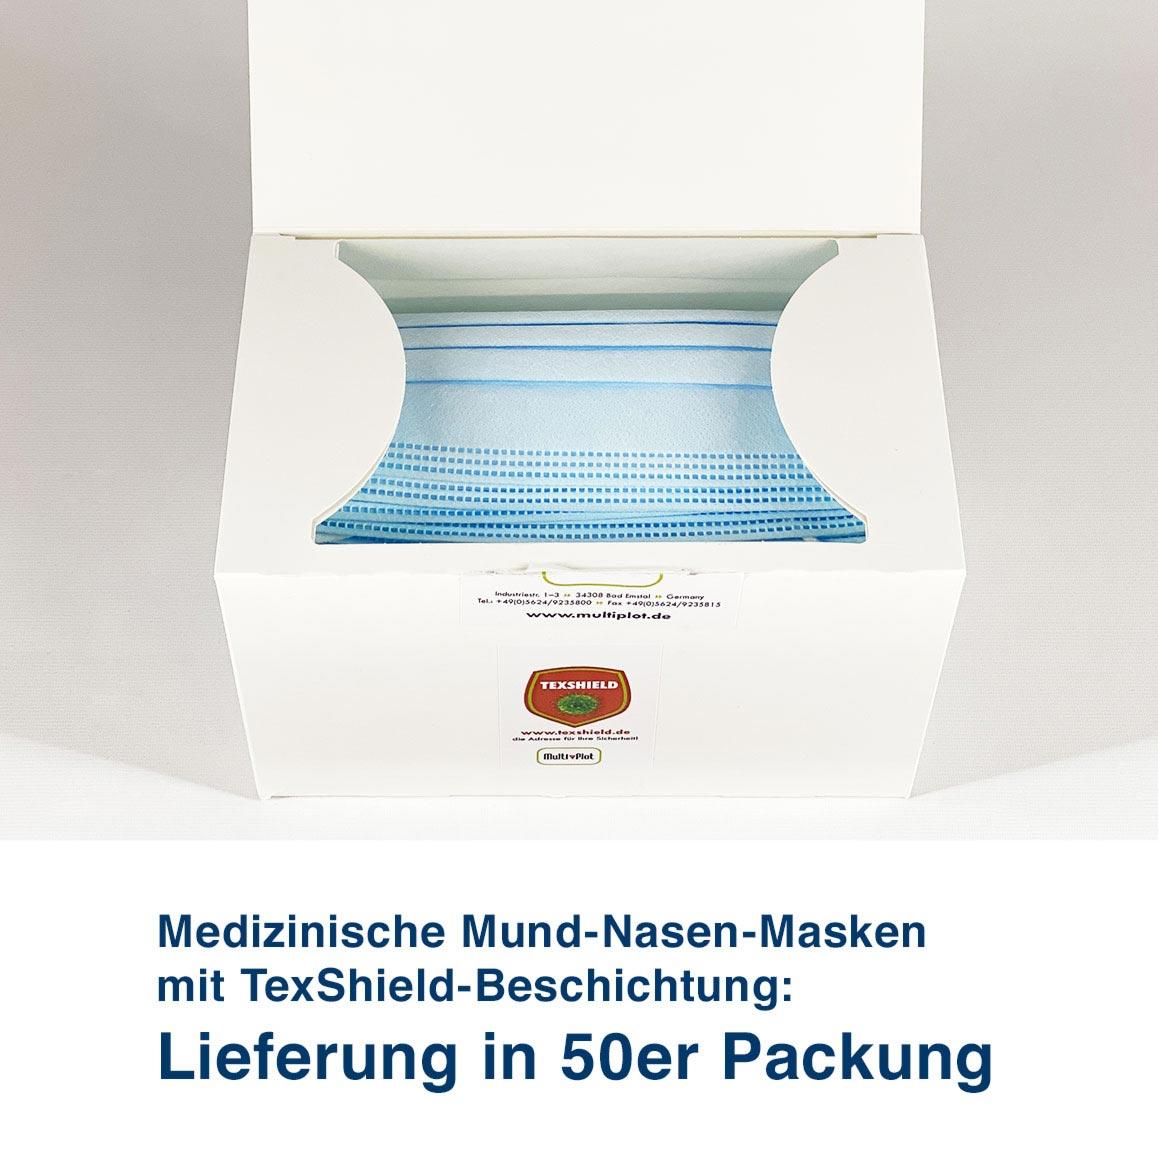 Medizinische Mund-Nasen-Masken mit TexShield-Beschichtung:  Lieferung in 50er Packung